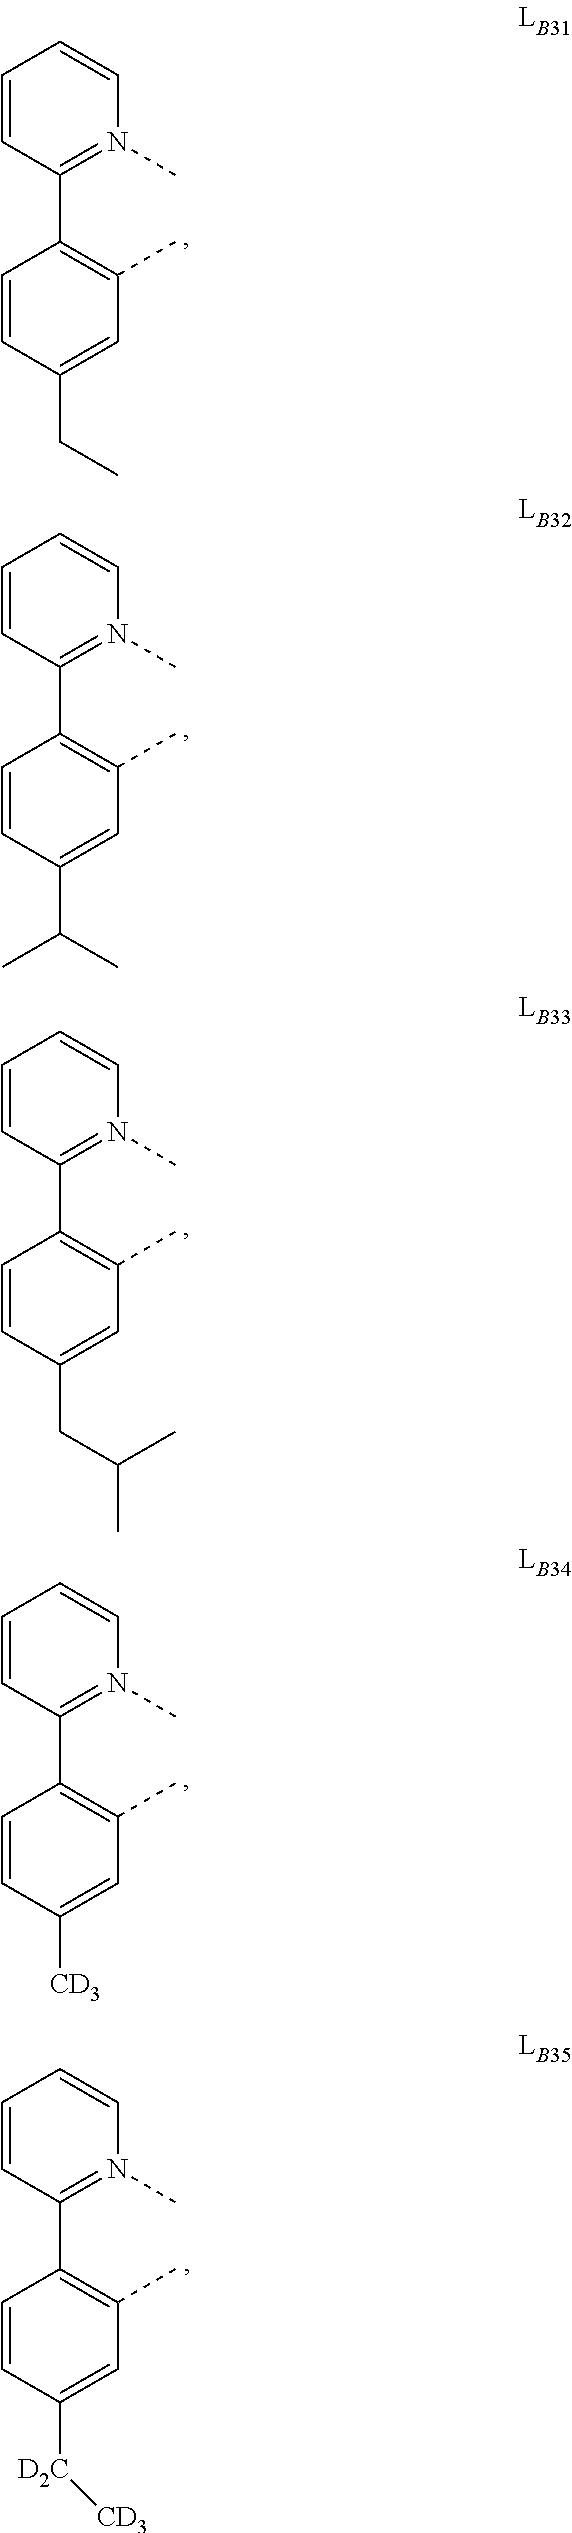 Figure US10003034-20180619-C00570